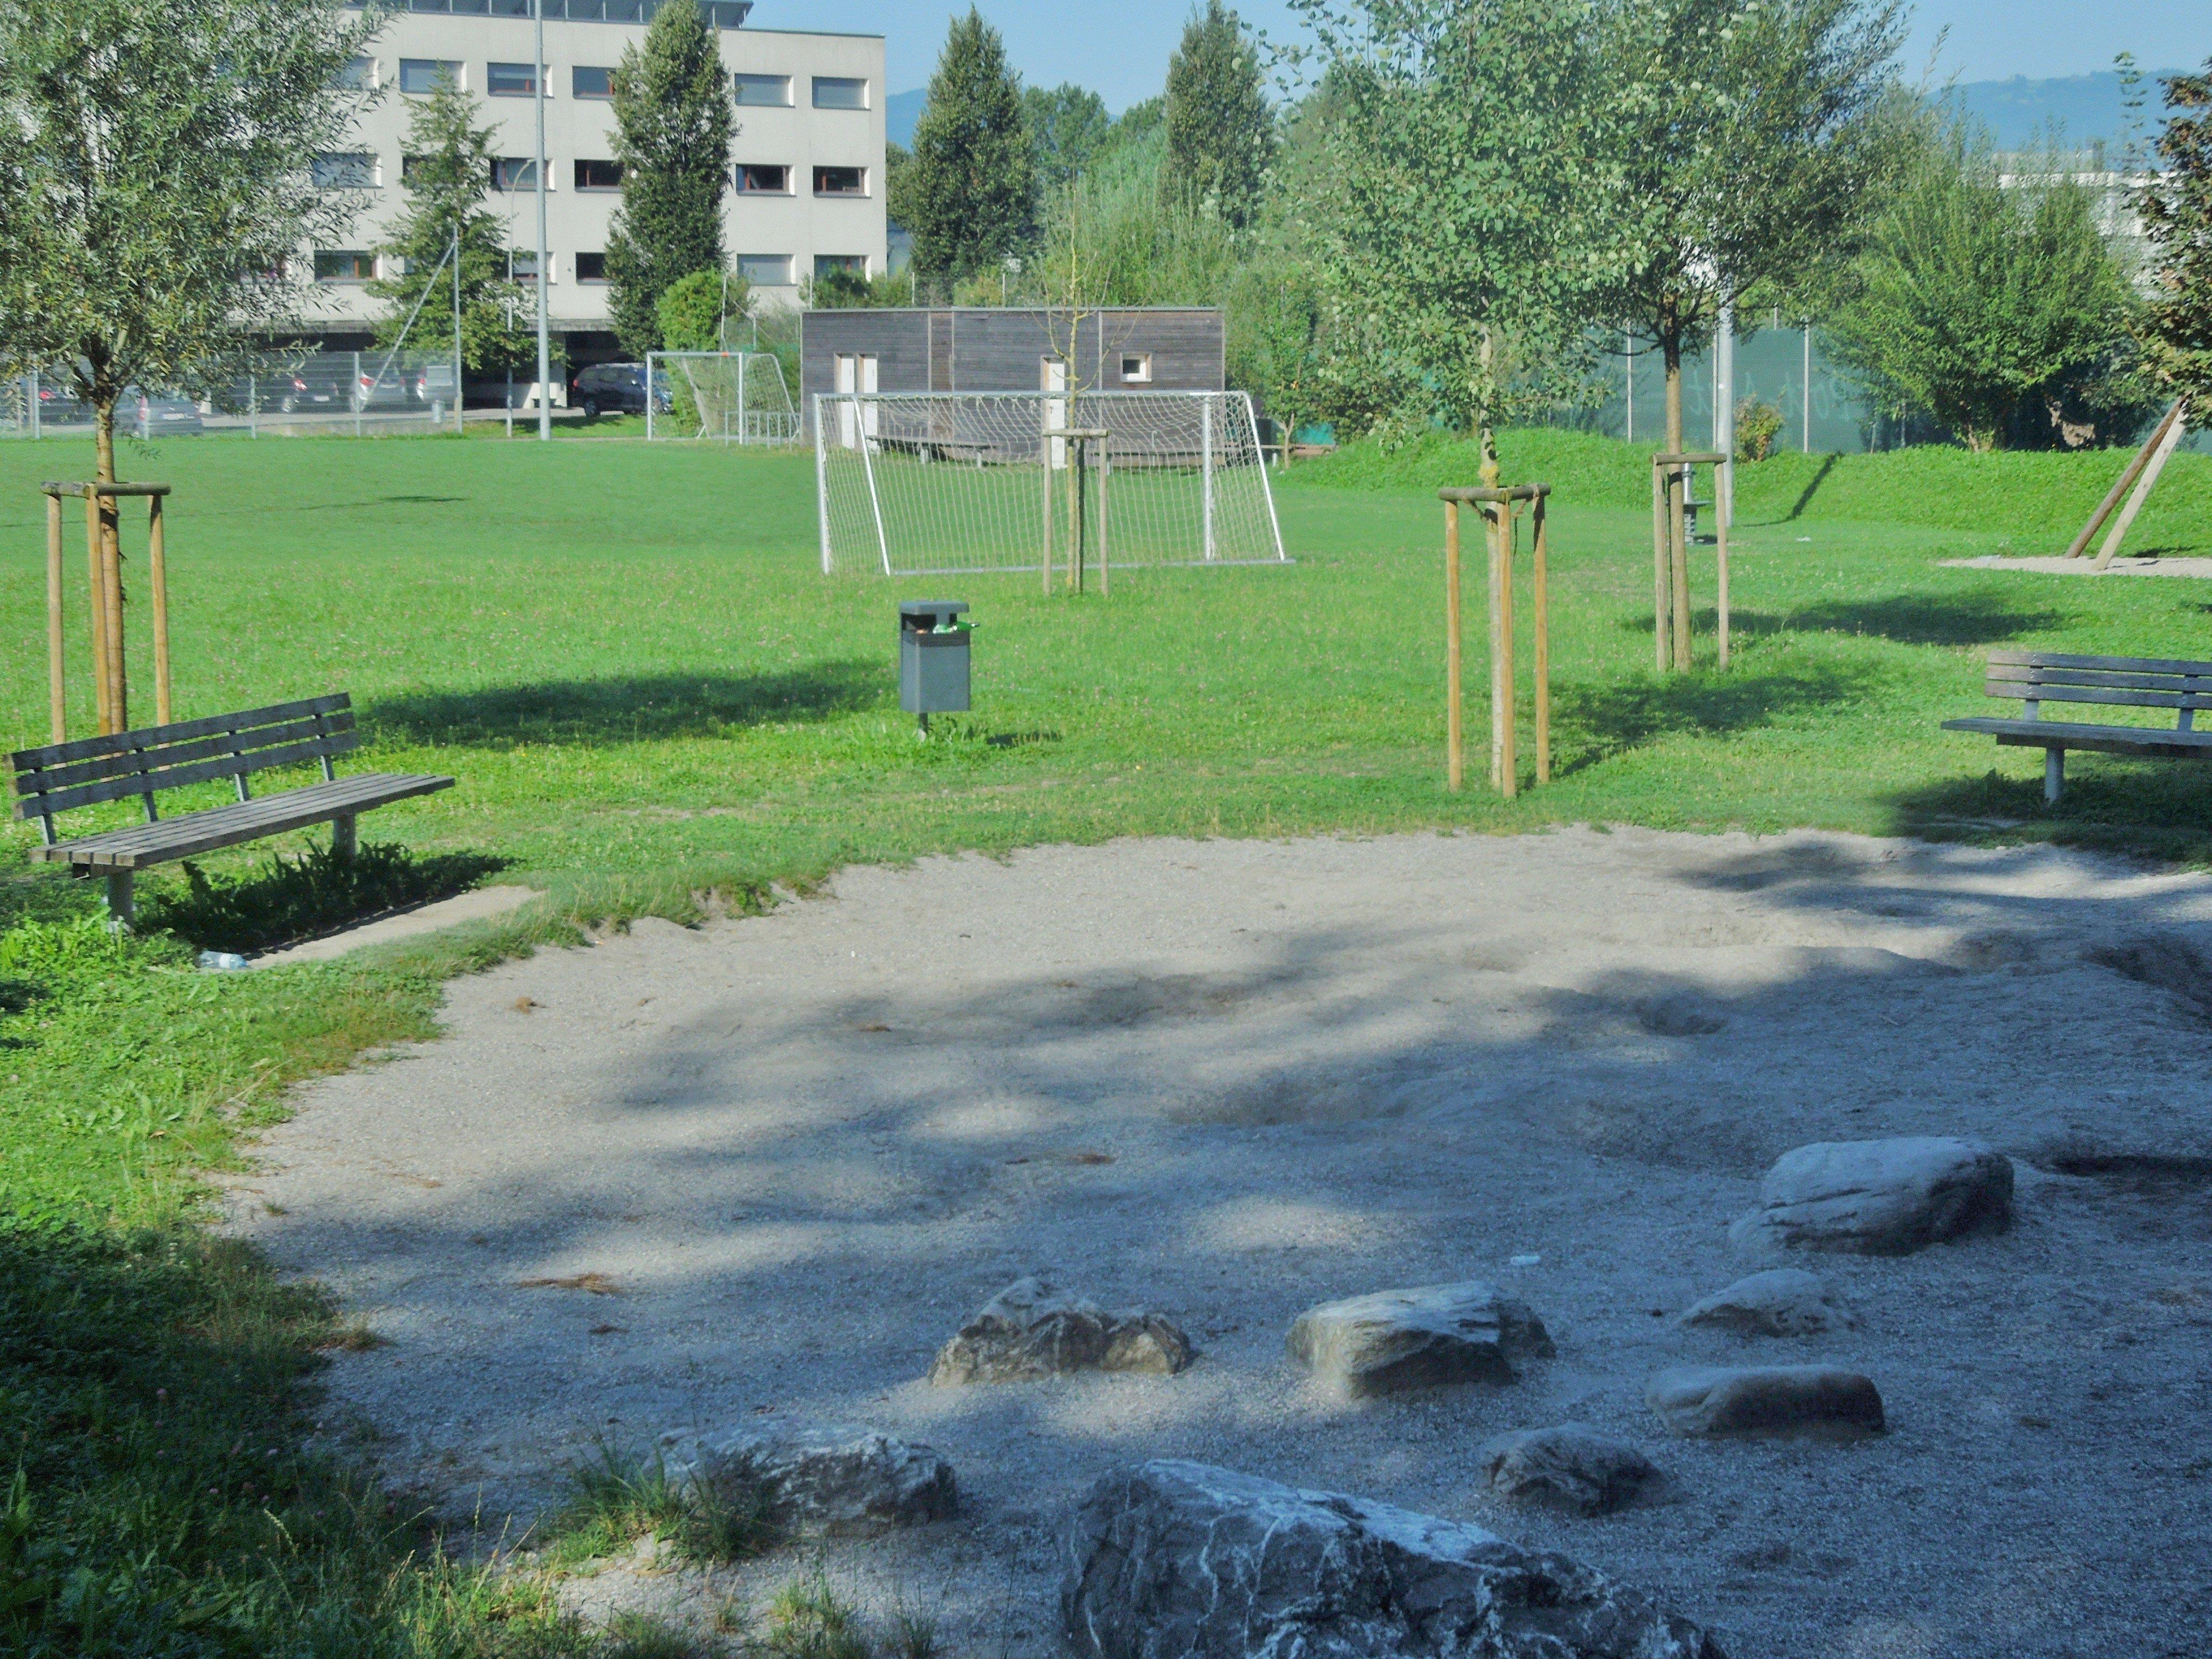 Lediglich in den Morgenstunden gibt es am Spielplatz Schatten. Besonders der Sandplatz ist der Sonne ausgesetzt.